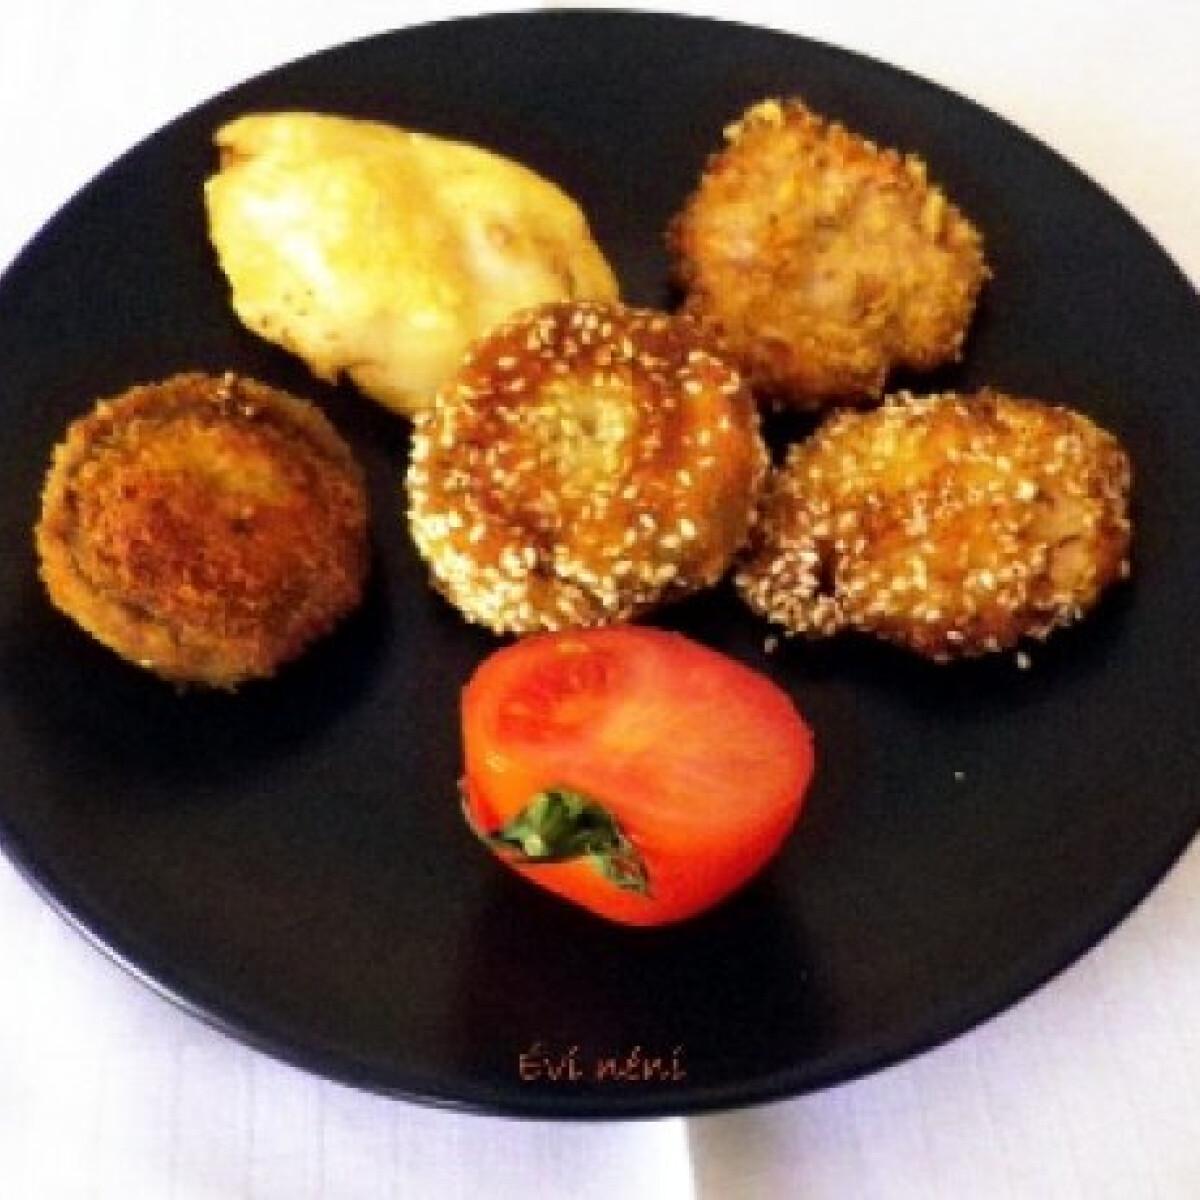 Ezen a képen: Tojás nélküli és tojásos rántott hús variációk